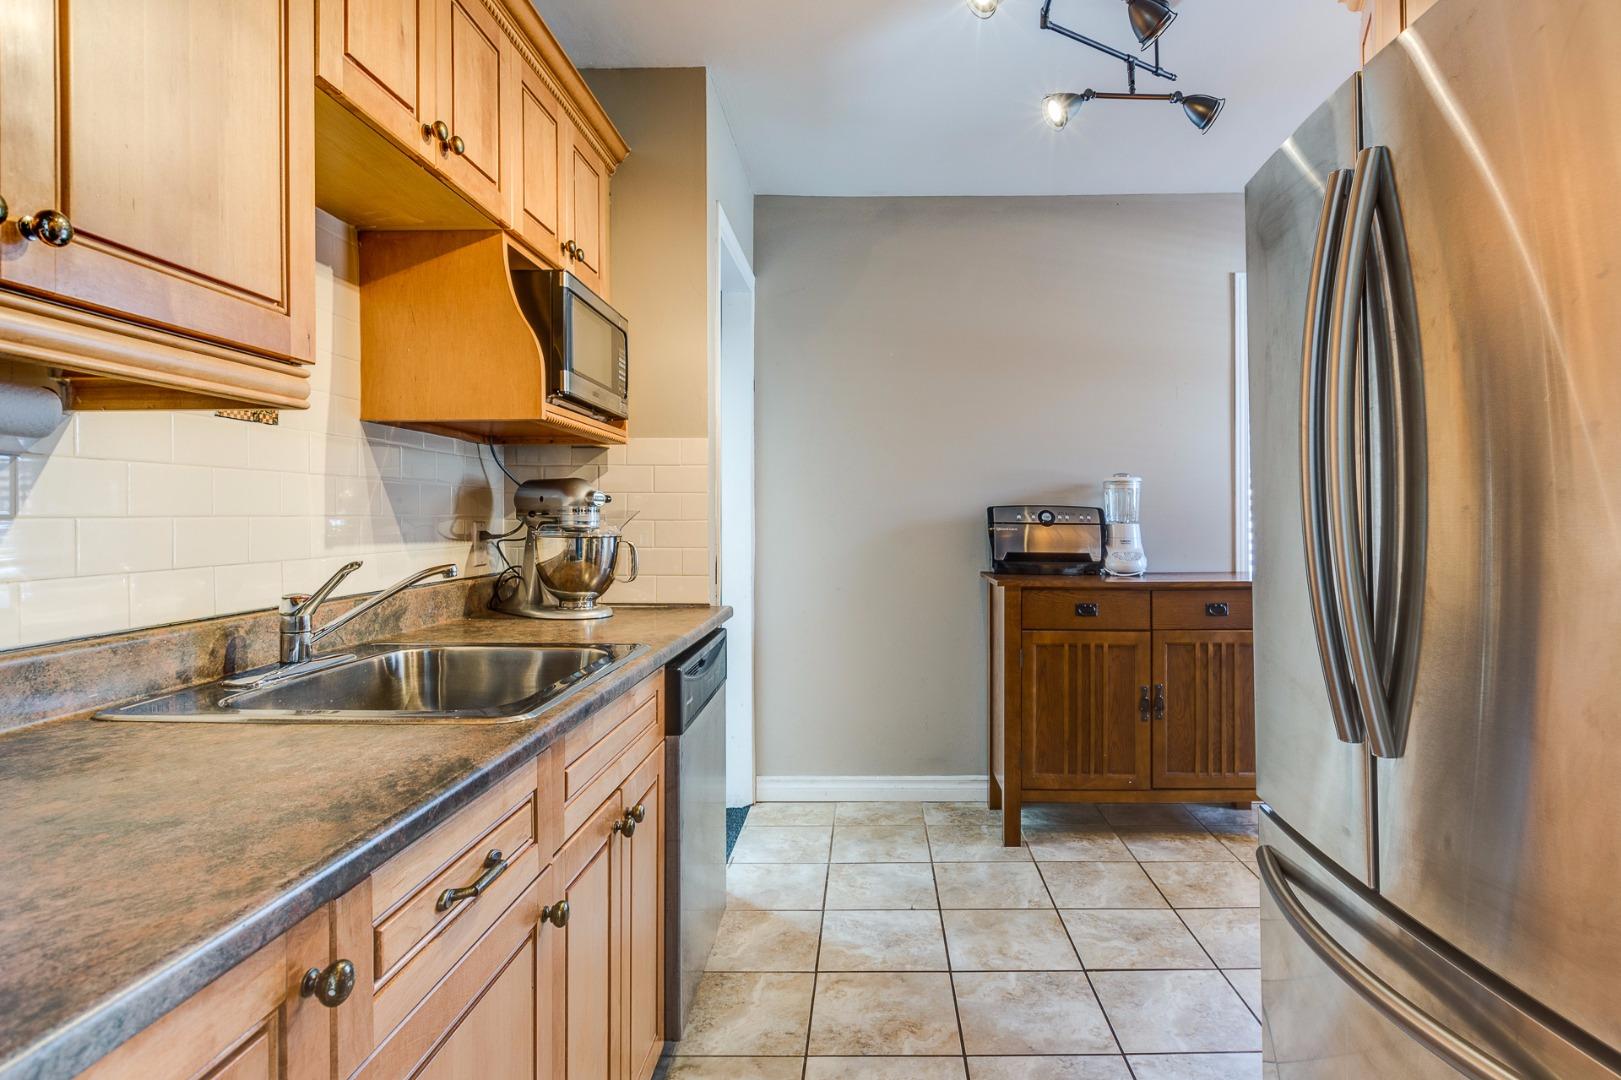 Maison à vendre Montréal - 5250, Av. Westmore